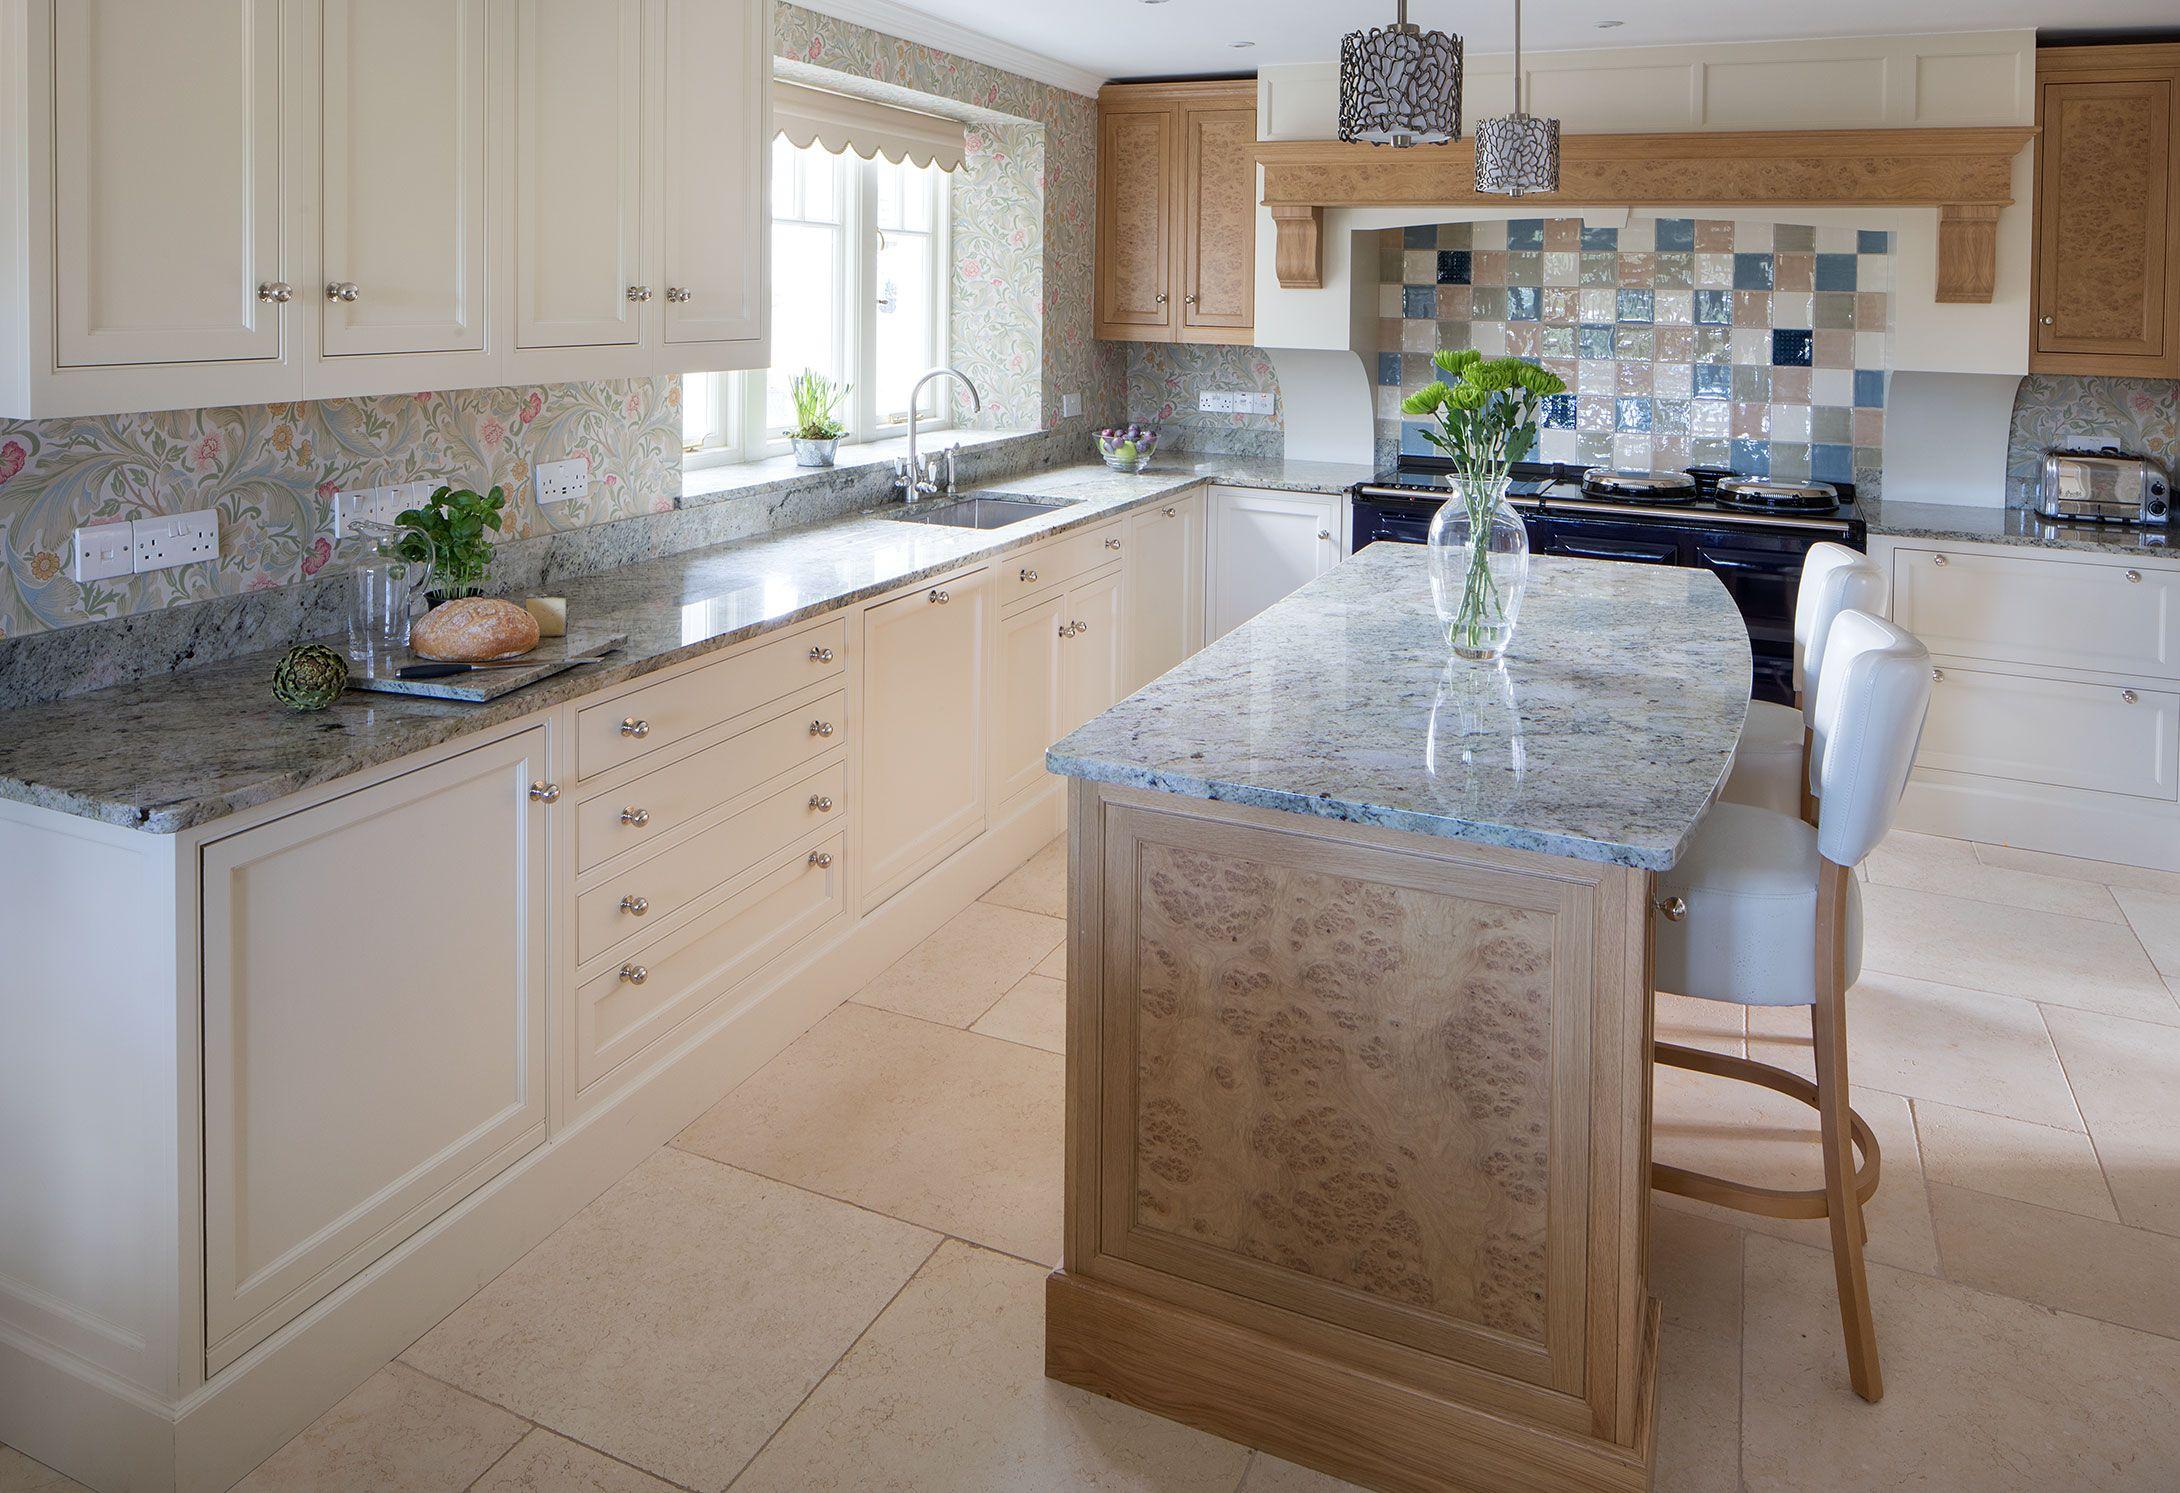 Kitchen Design And Installation Service  Spillers Of Chard Classy Kitchen Design And Installation Inspiration Design